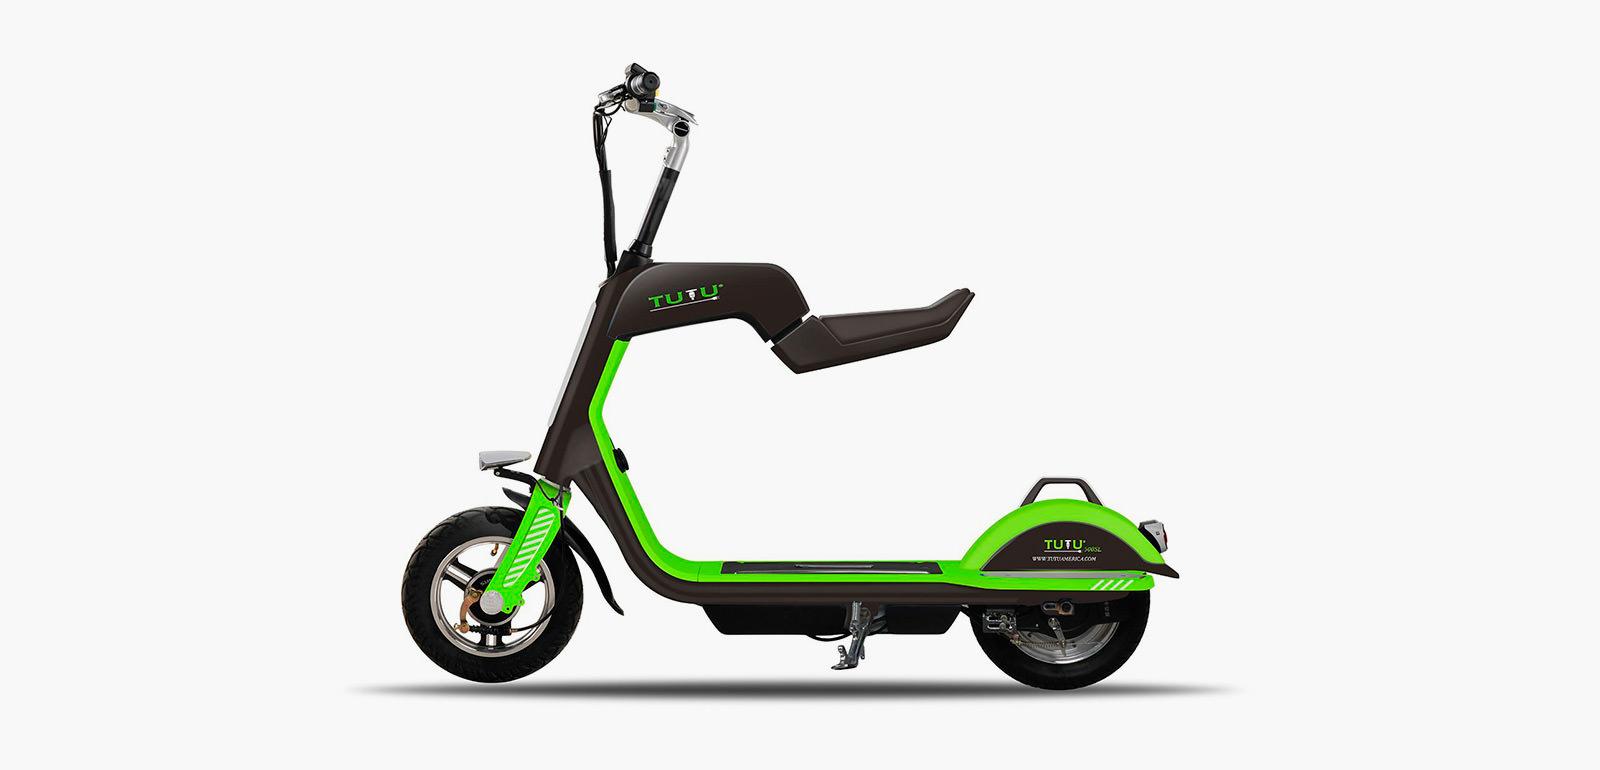 Tutu Sl350 Electric Scooter